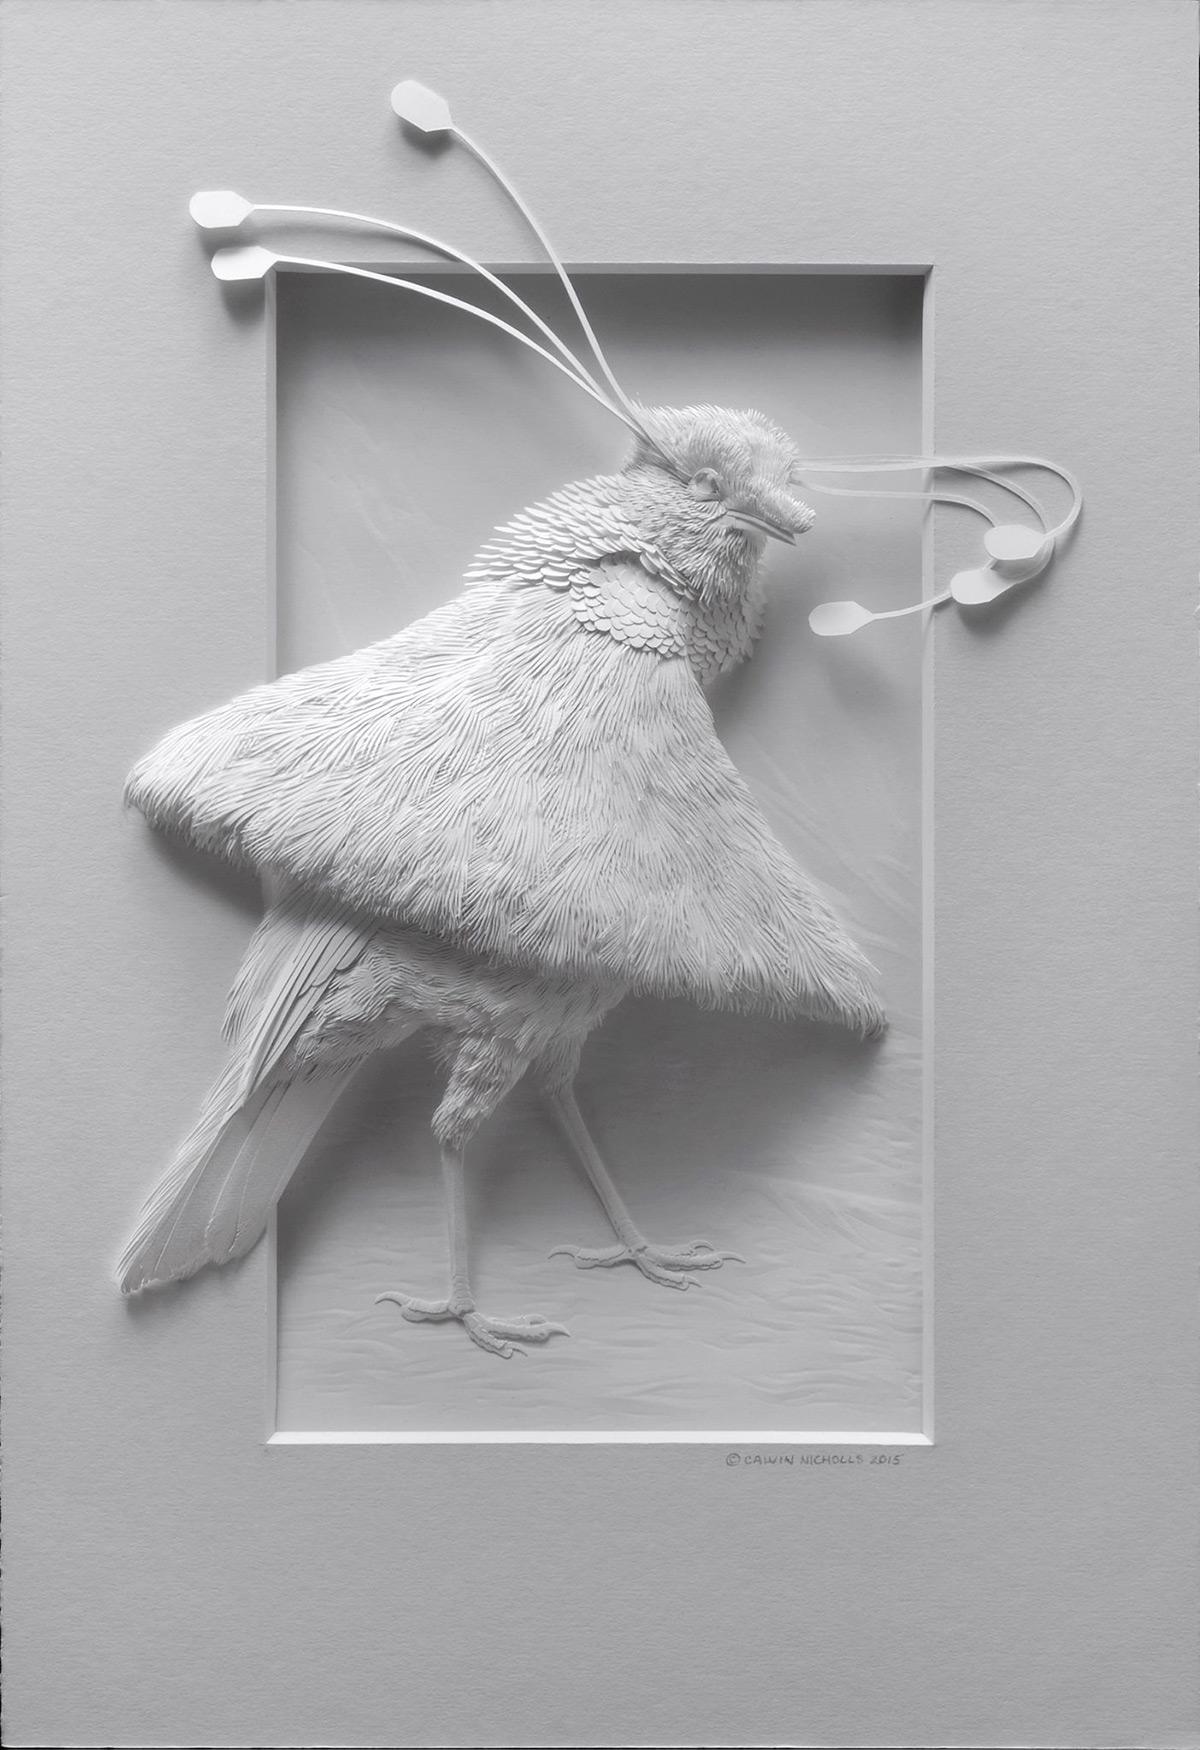 مجسمات مبهرة ثلاثية الأبعاد لحيوانات وطيور مختلفة